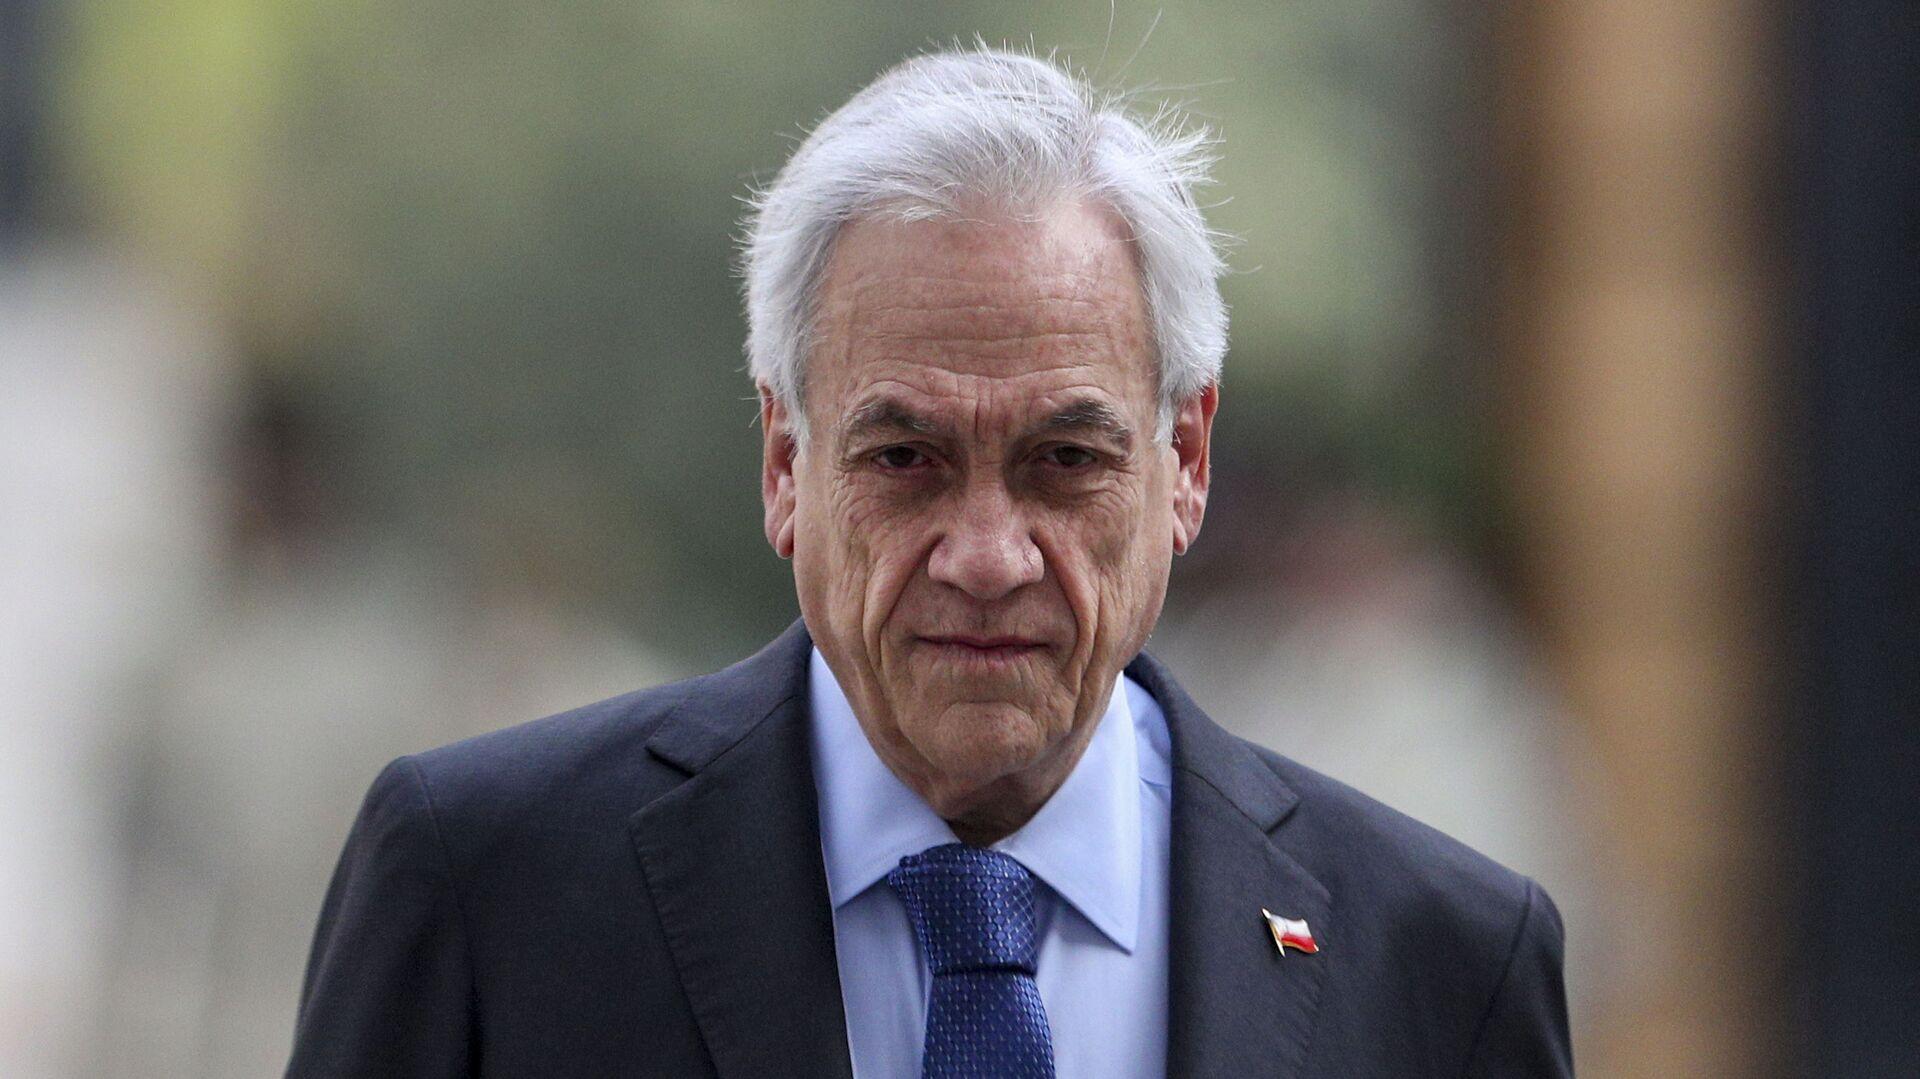 Sebastián Piñera, el presidente de Chile - Sputnik Mundo, 1920, 05.10.2021